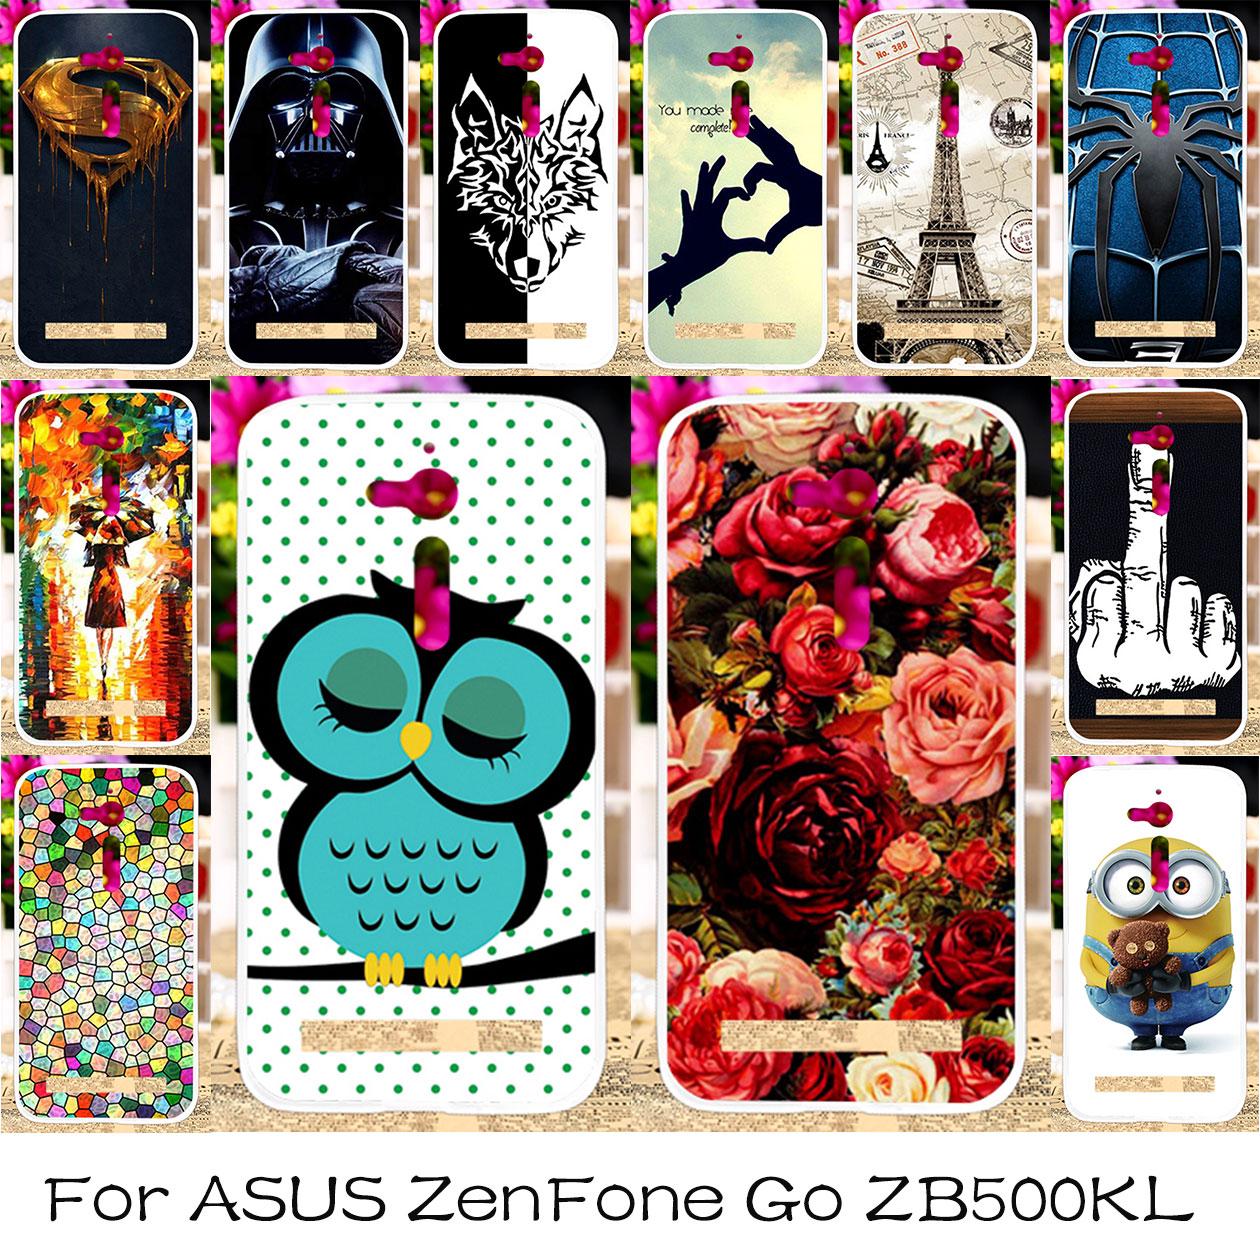 TAOYUNXI Silikonplasttelefonfodral för ASUS ZenFone Go ZB500KL - Reservdelar och tillbehör för mobiltelefoner